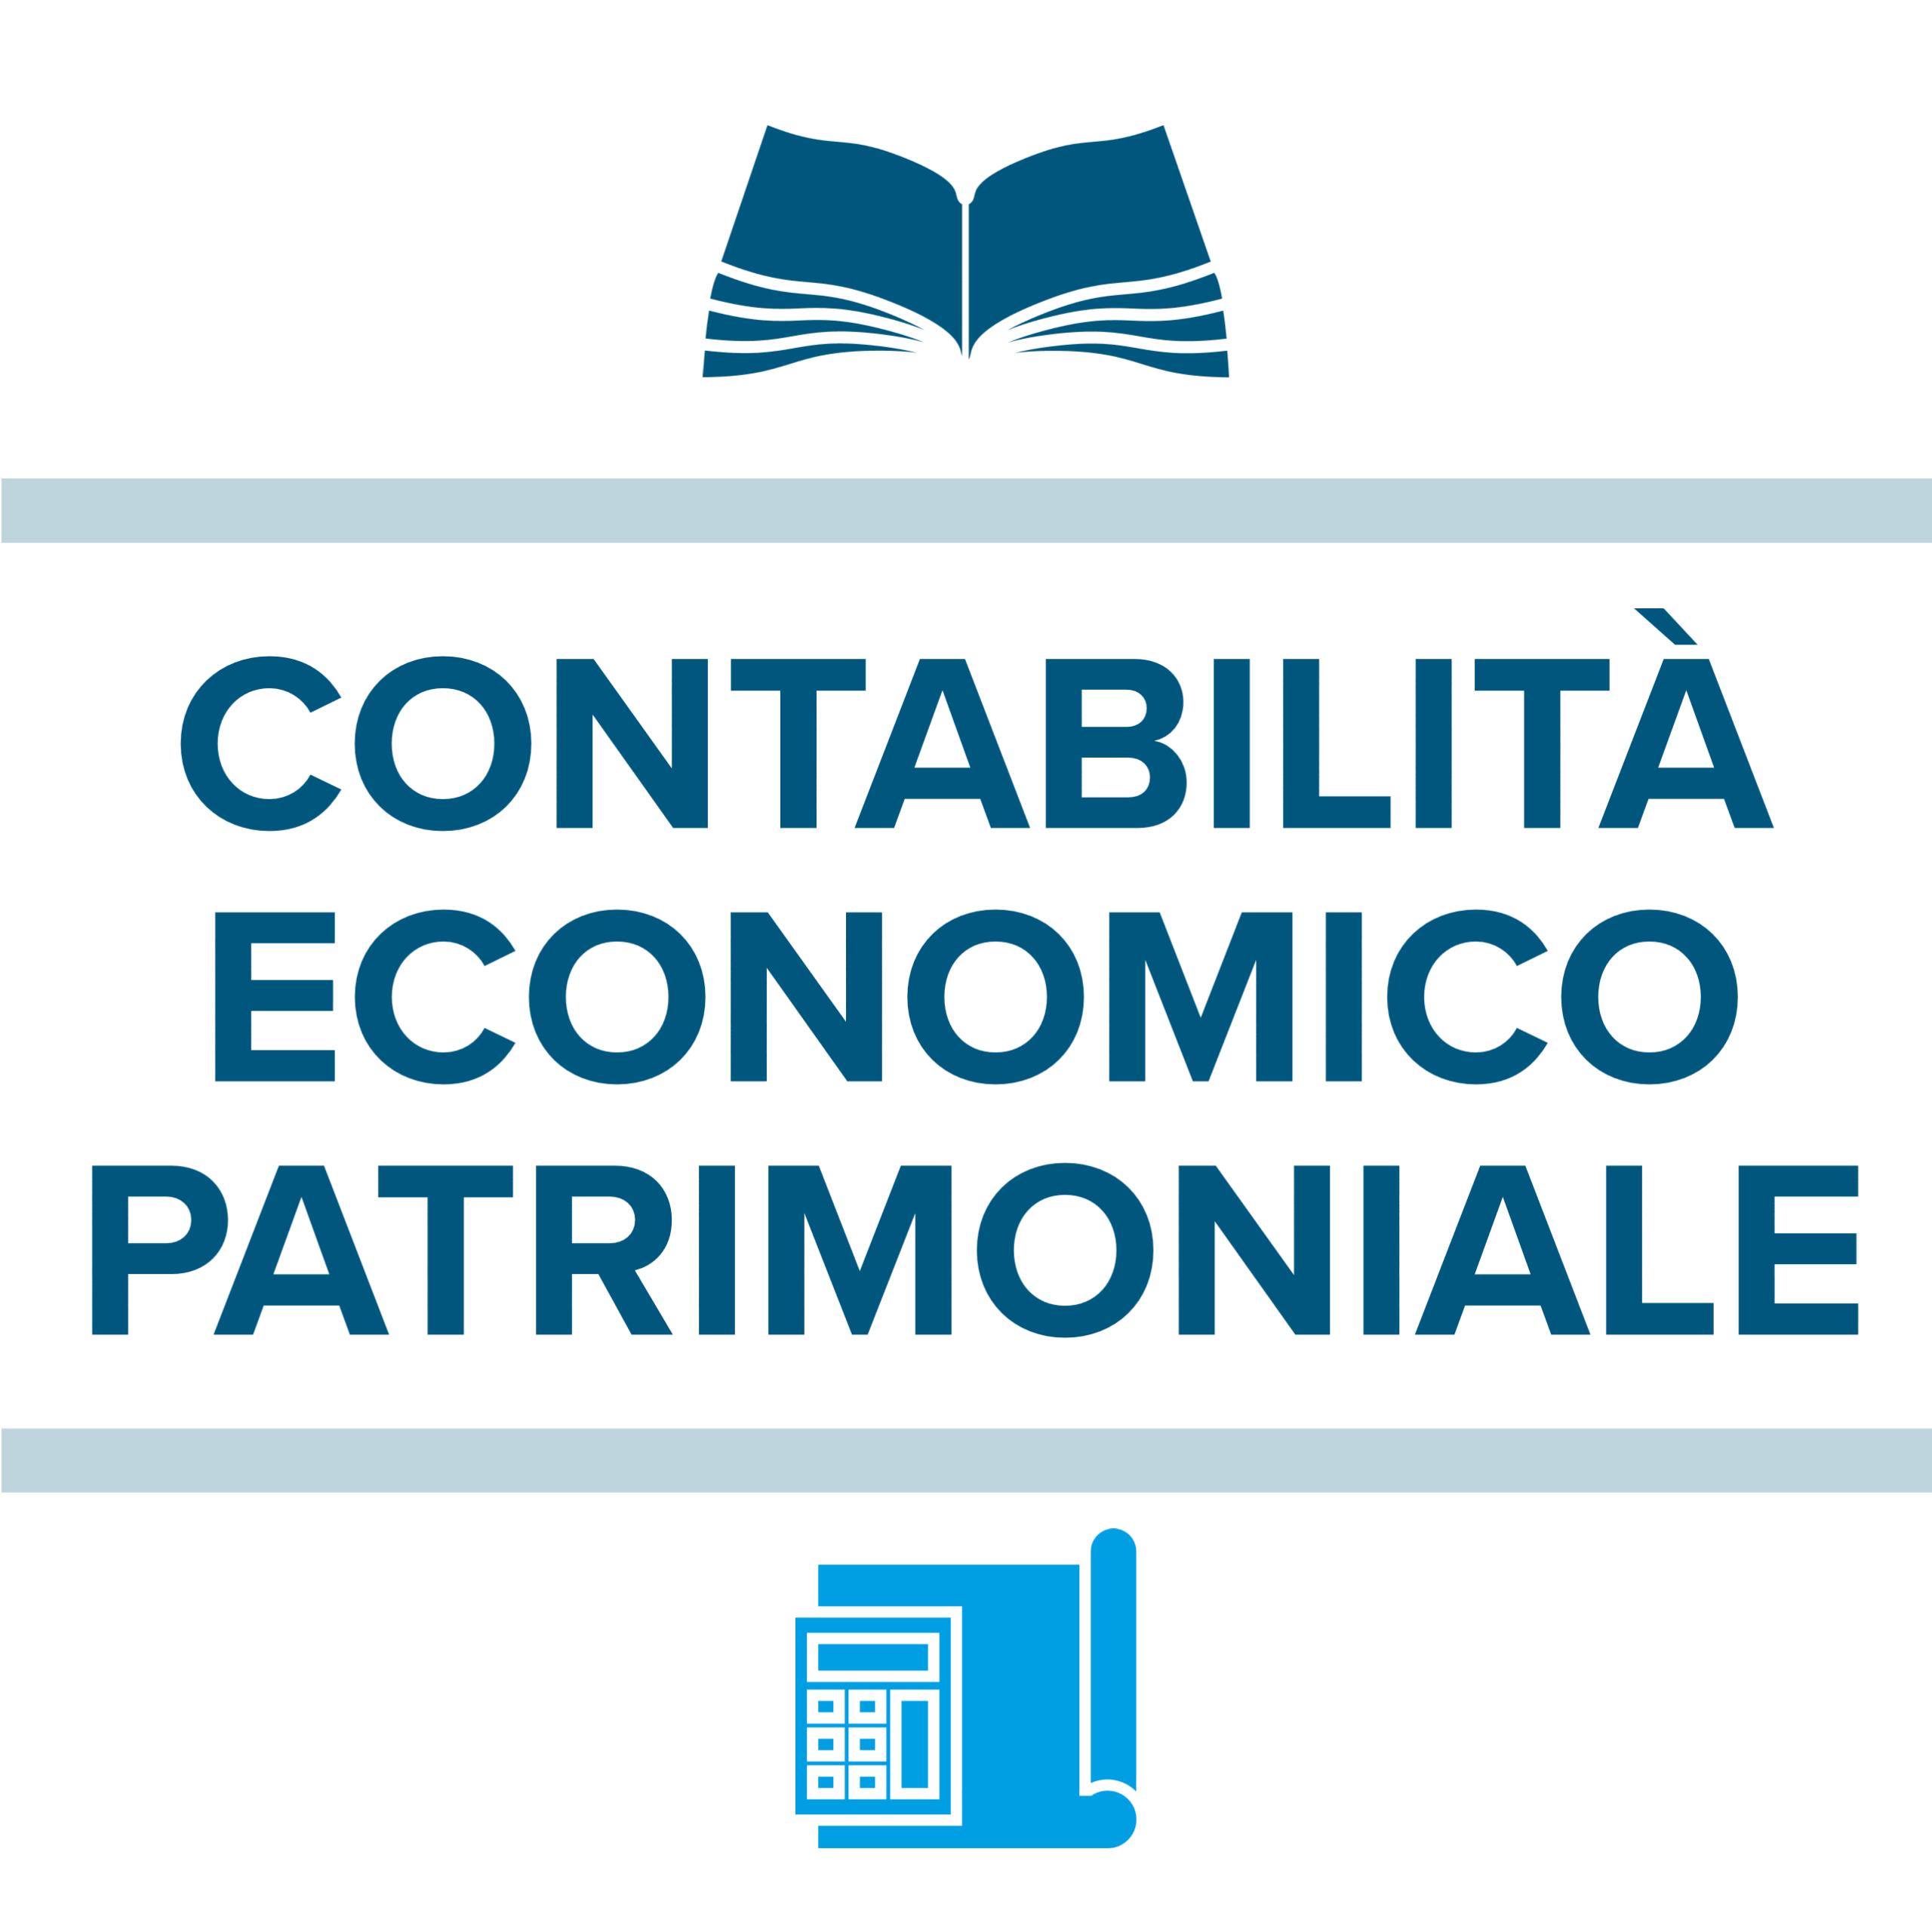 Corso di contabilità economico-patrimoniale di cui al D. Lgs. n.118 del 2011 - Genova